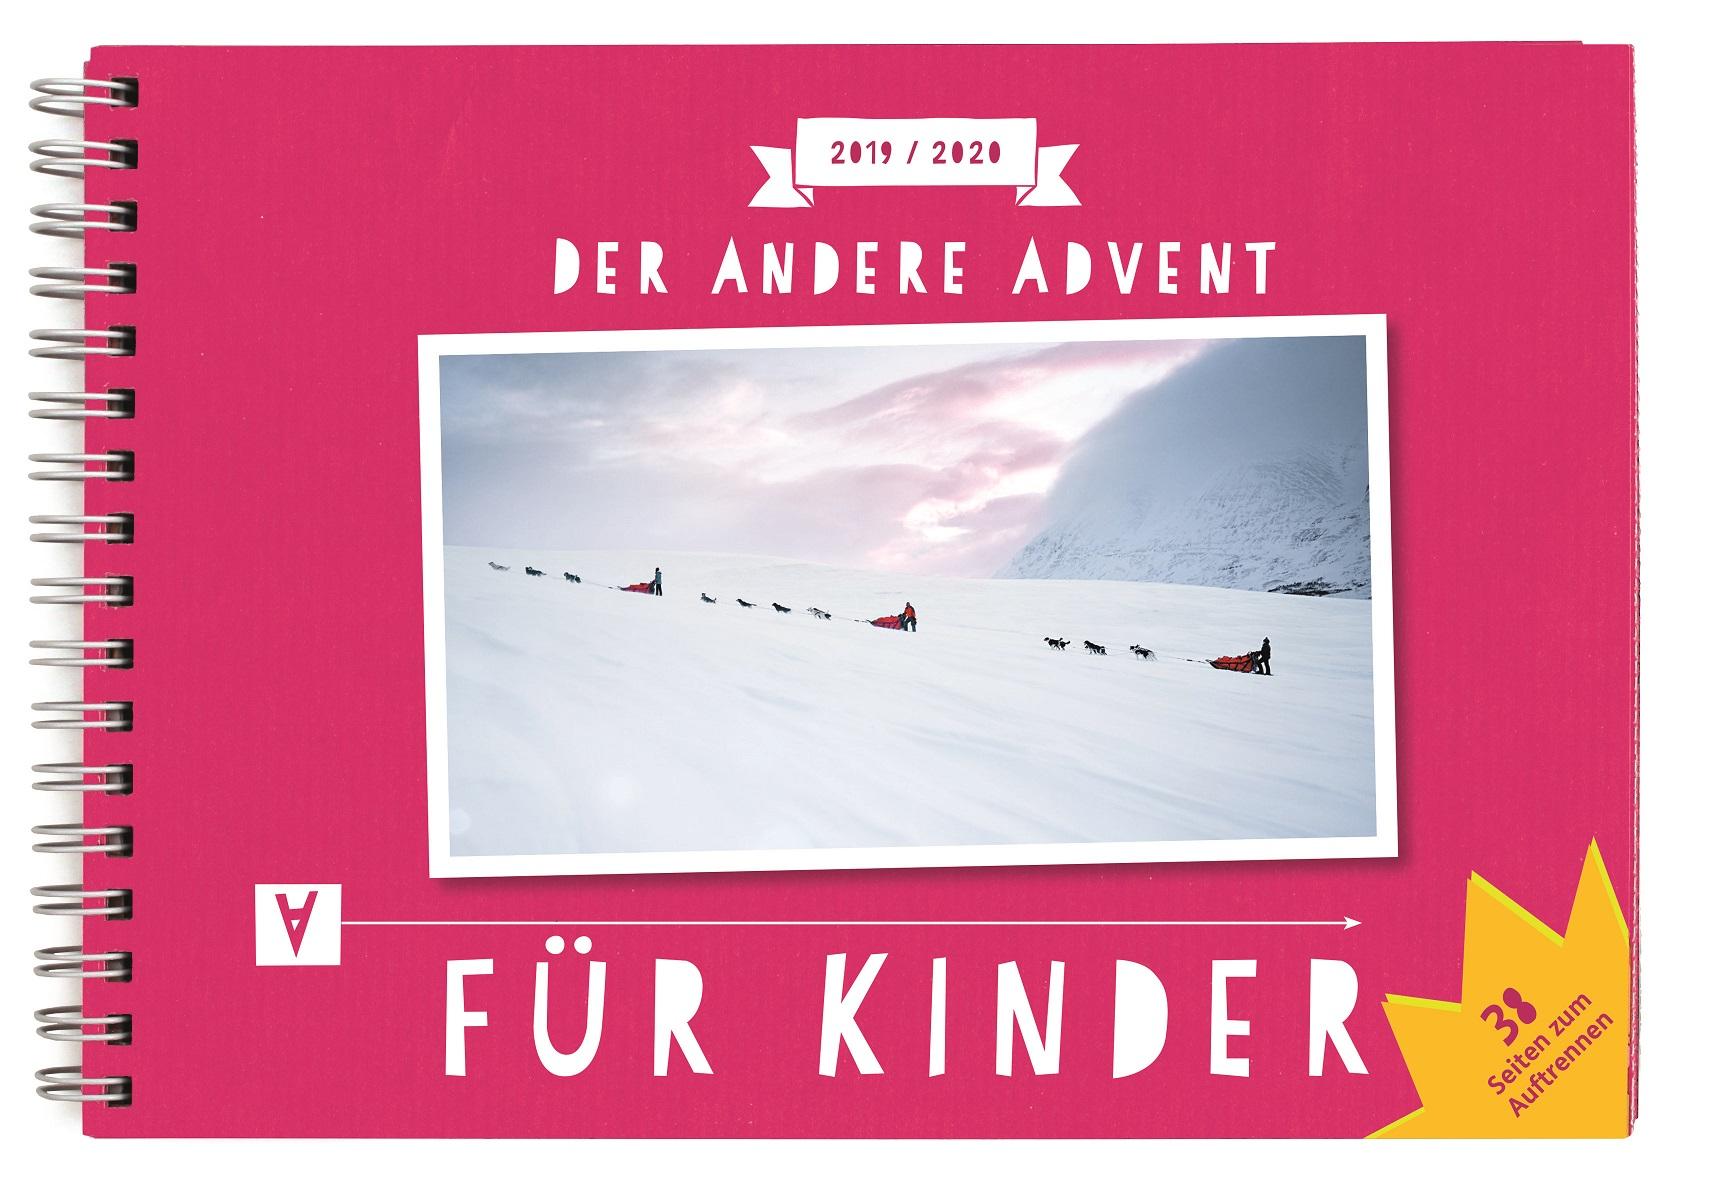 Der Titel des Kinderkalenders: Auf pinkrotem Rahmen das Foto des Anderen Advent, drei Schlitten mit Schlittenhunden auf einer Schneefläche